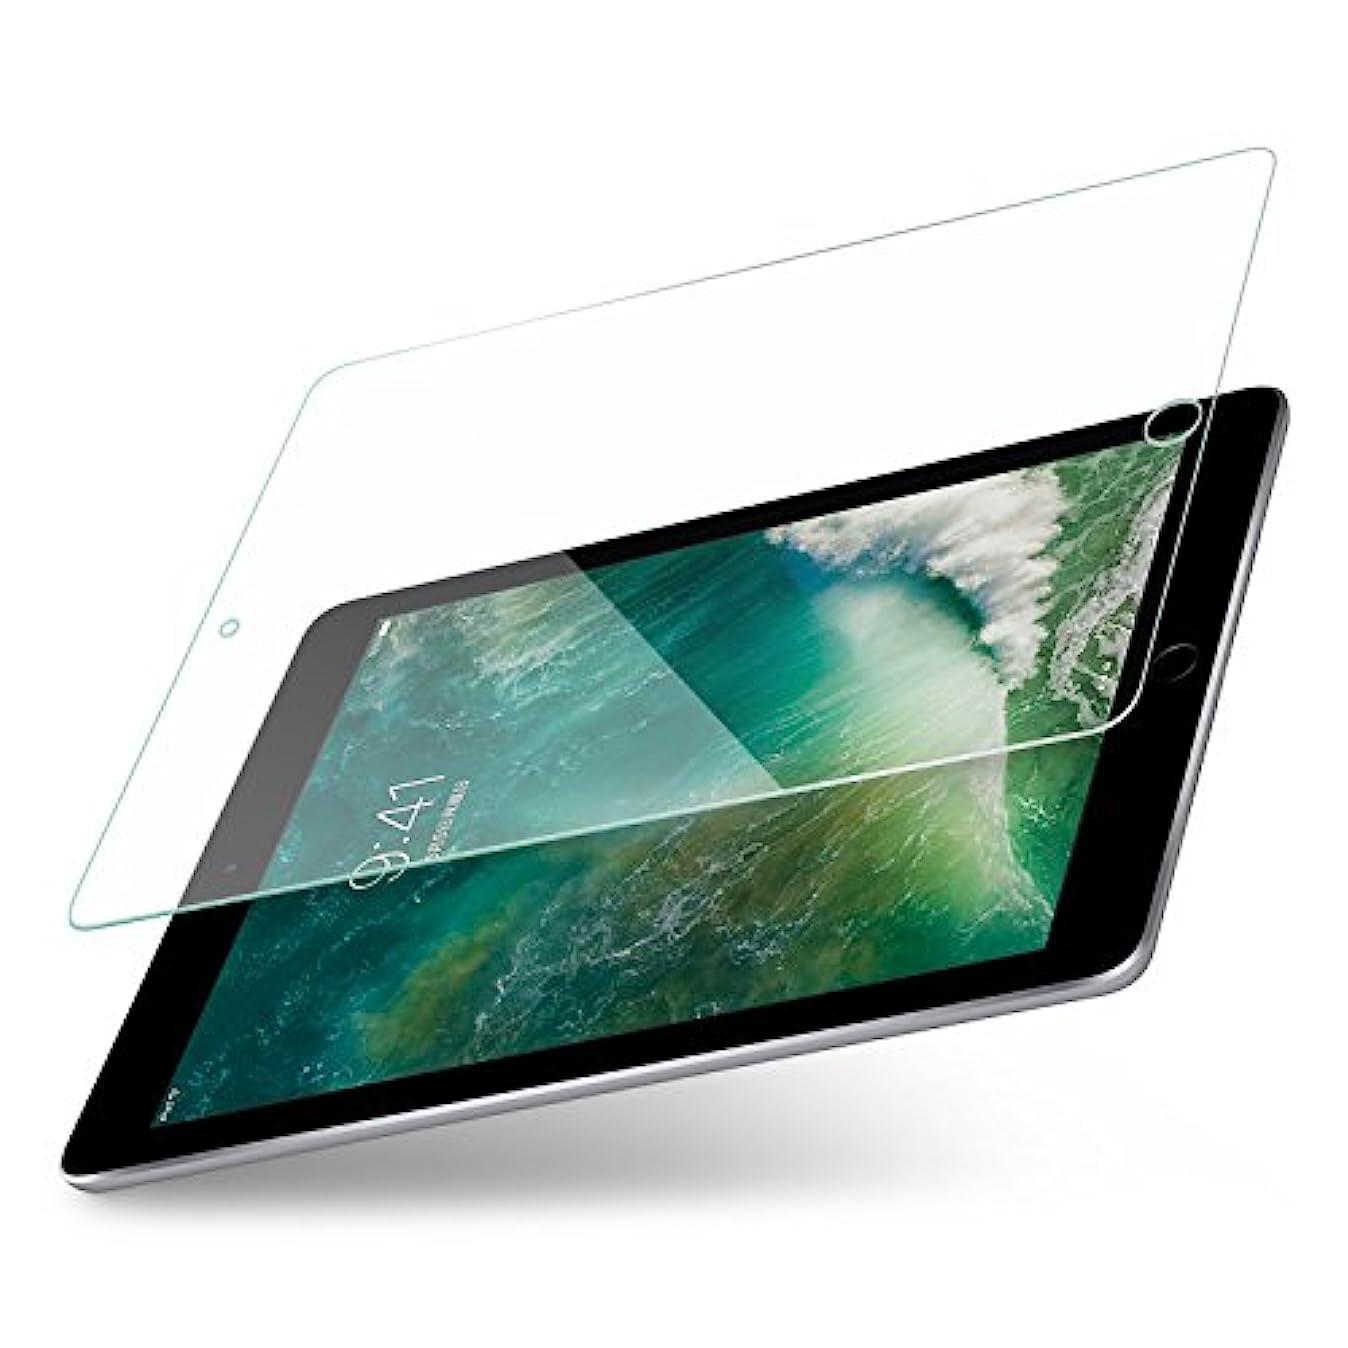 アパート絶対の参照するCASEBANK iPad 10.5 インチ 強化 ガラスフィルム 高感度タッチ 気泡ゼロ 0.33mm 日本製素材 全面ガラスフィルム 液晶保護 指紋防止 3Dラウンドエッジ 9H 高透明 クリア TGP-IPAD105-075